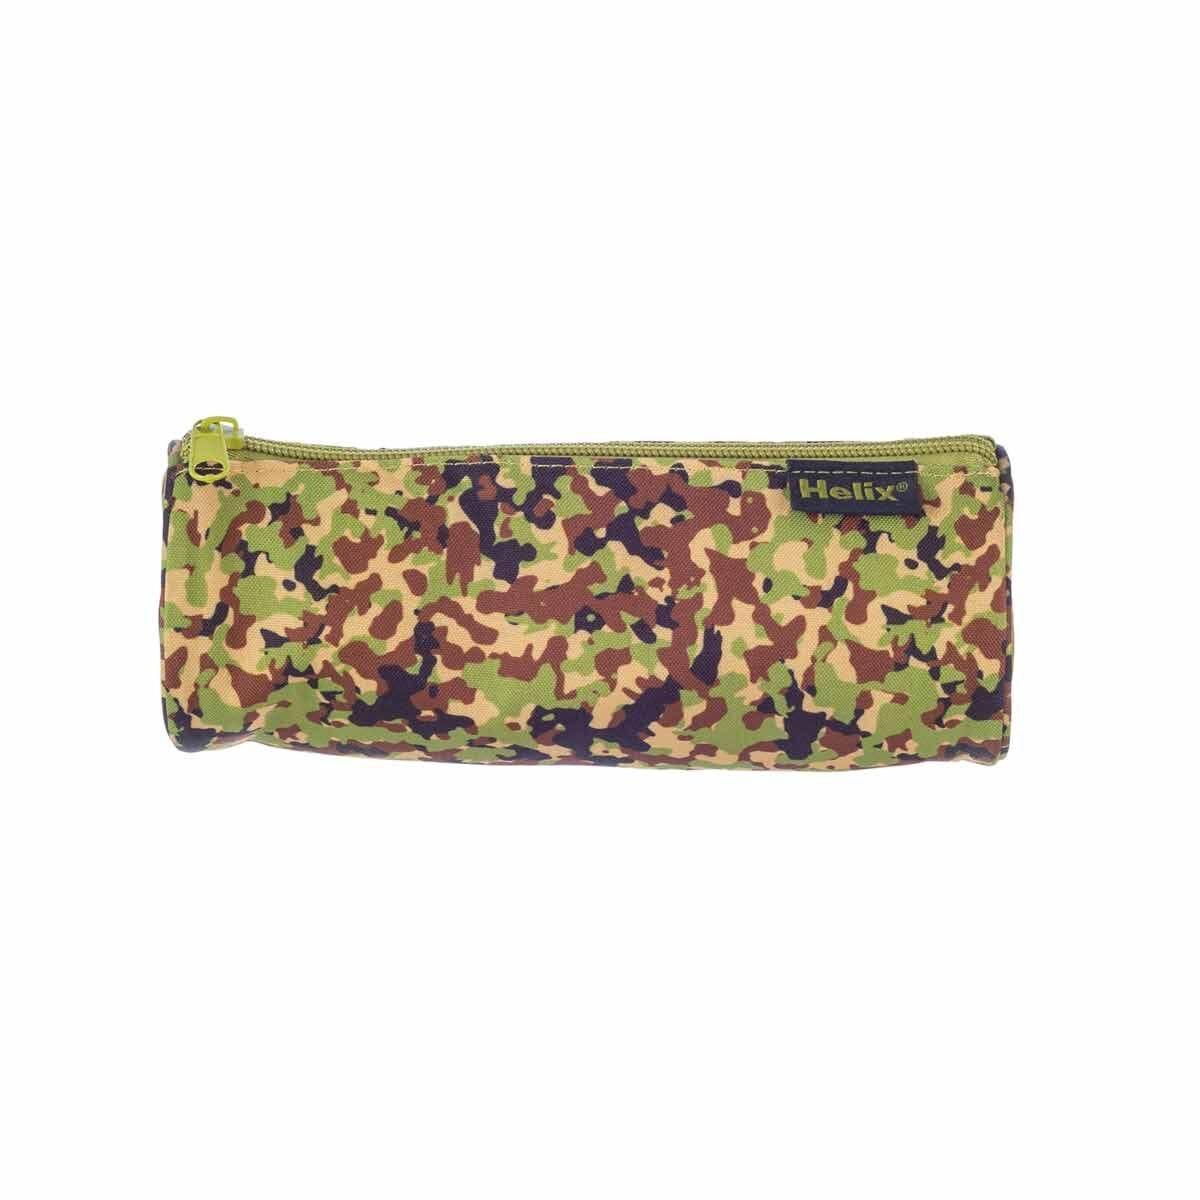 Helix Green Camo Pencil Case